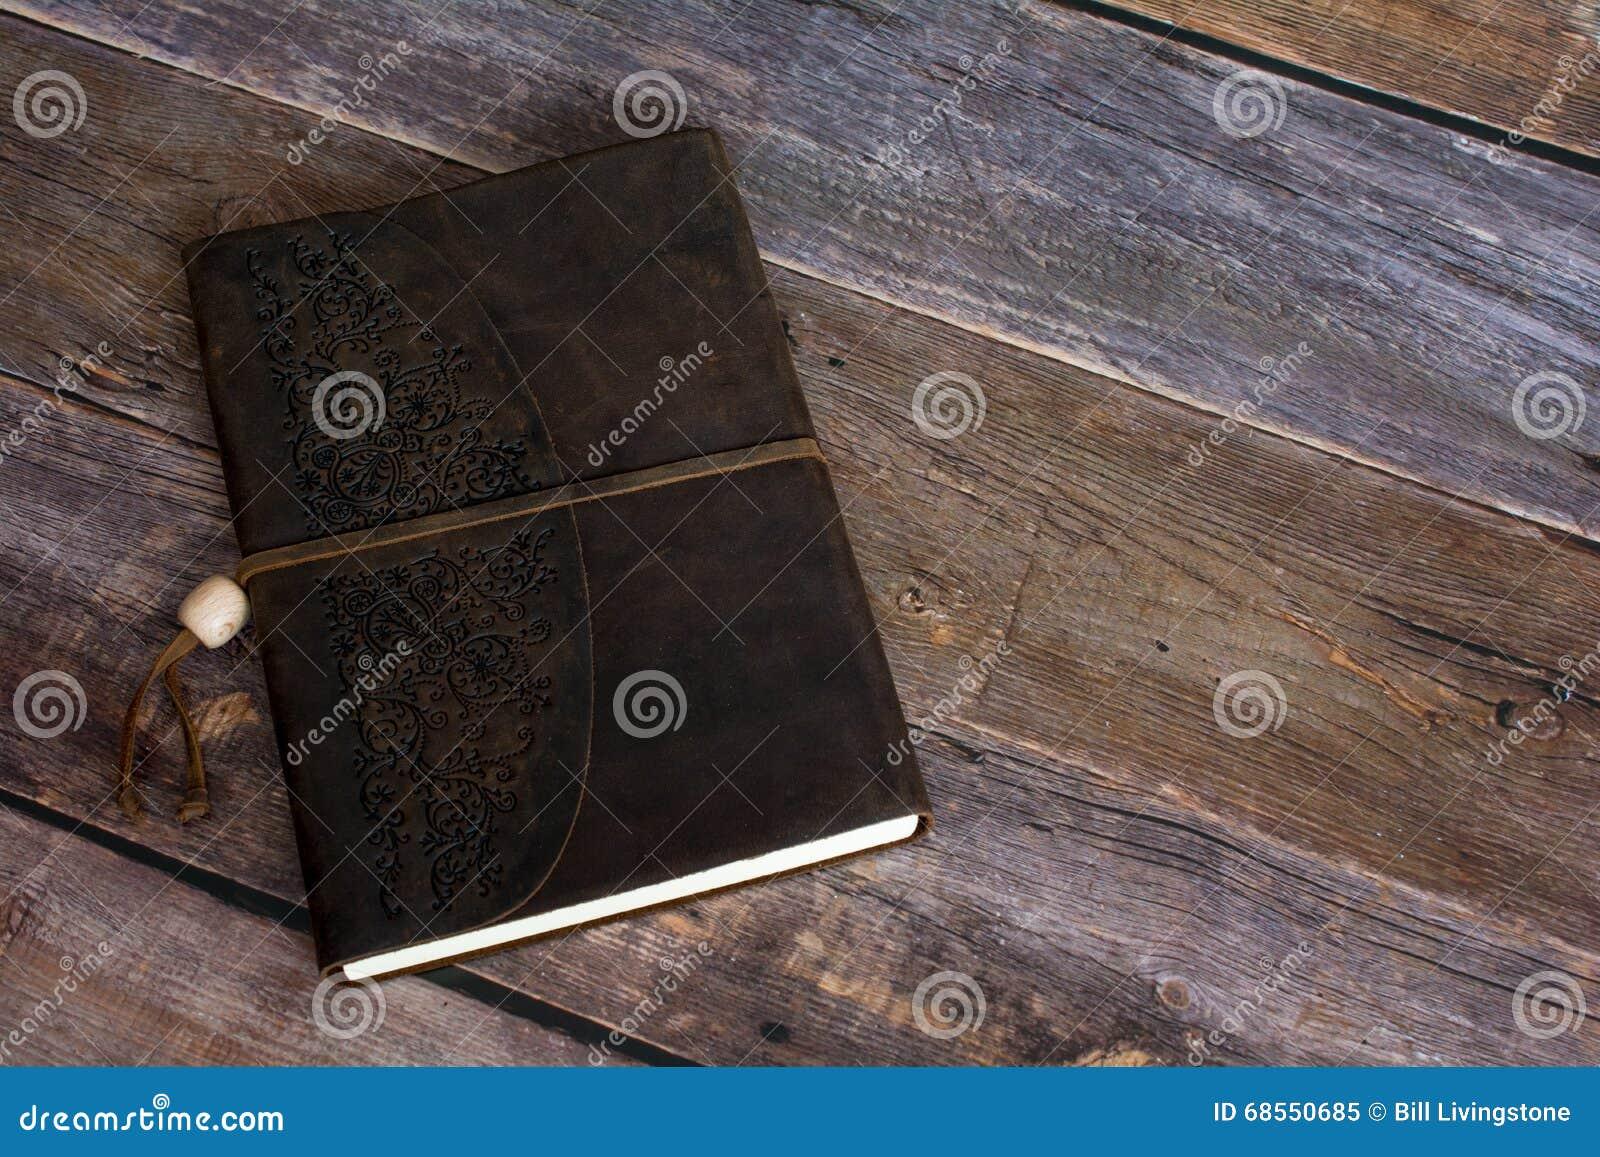 Fußboden Aus Leder ~ Klassisches leder verklemmtes zeitschriften buch auf einem alten